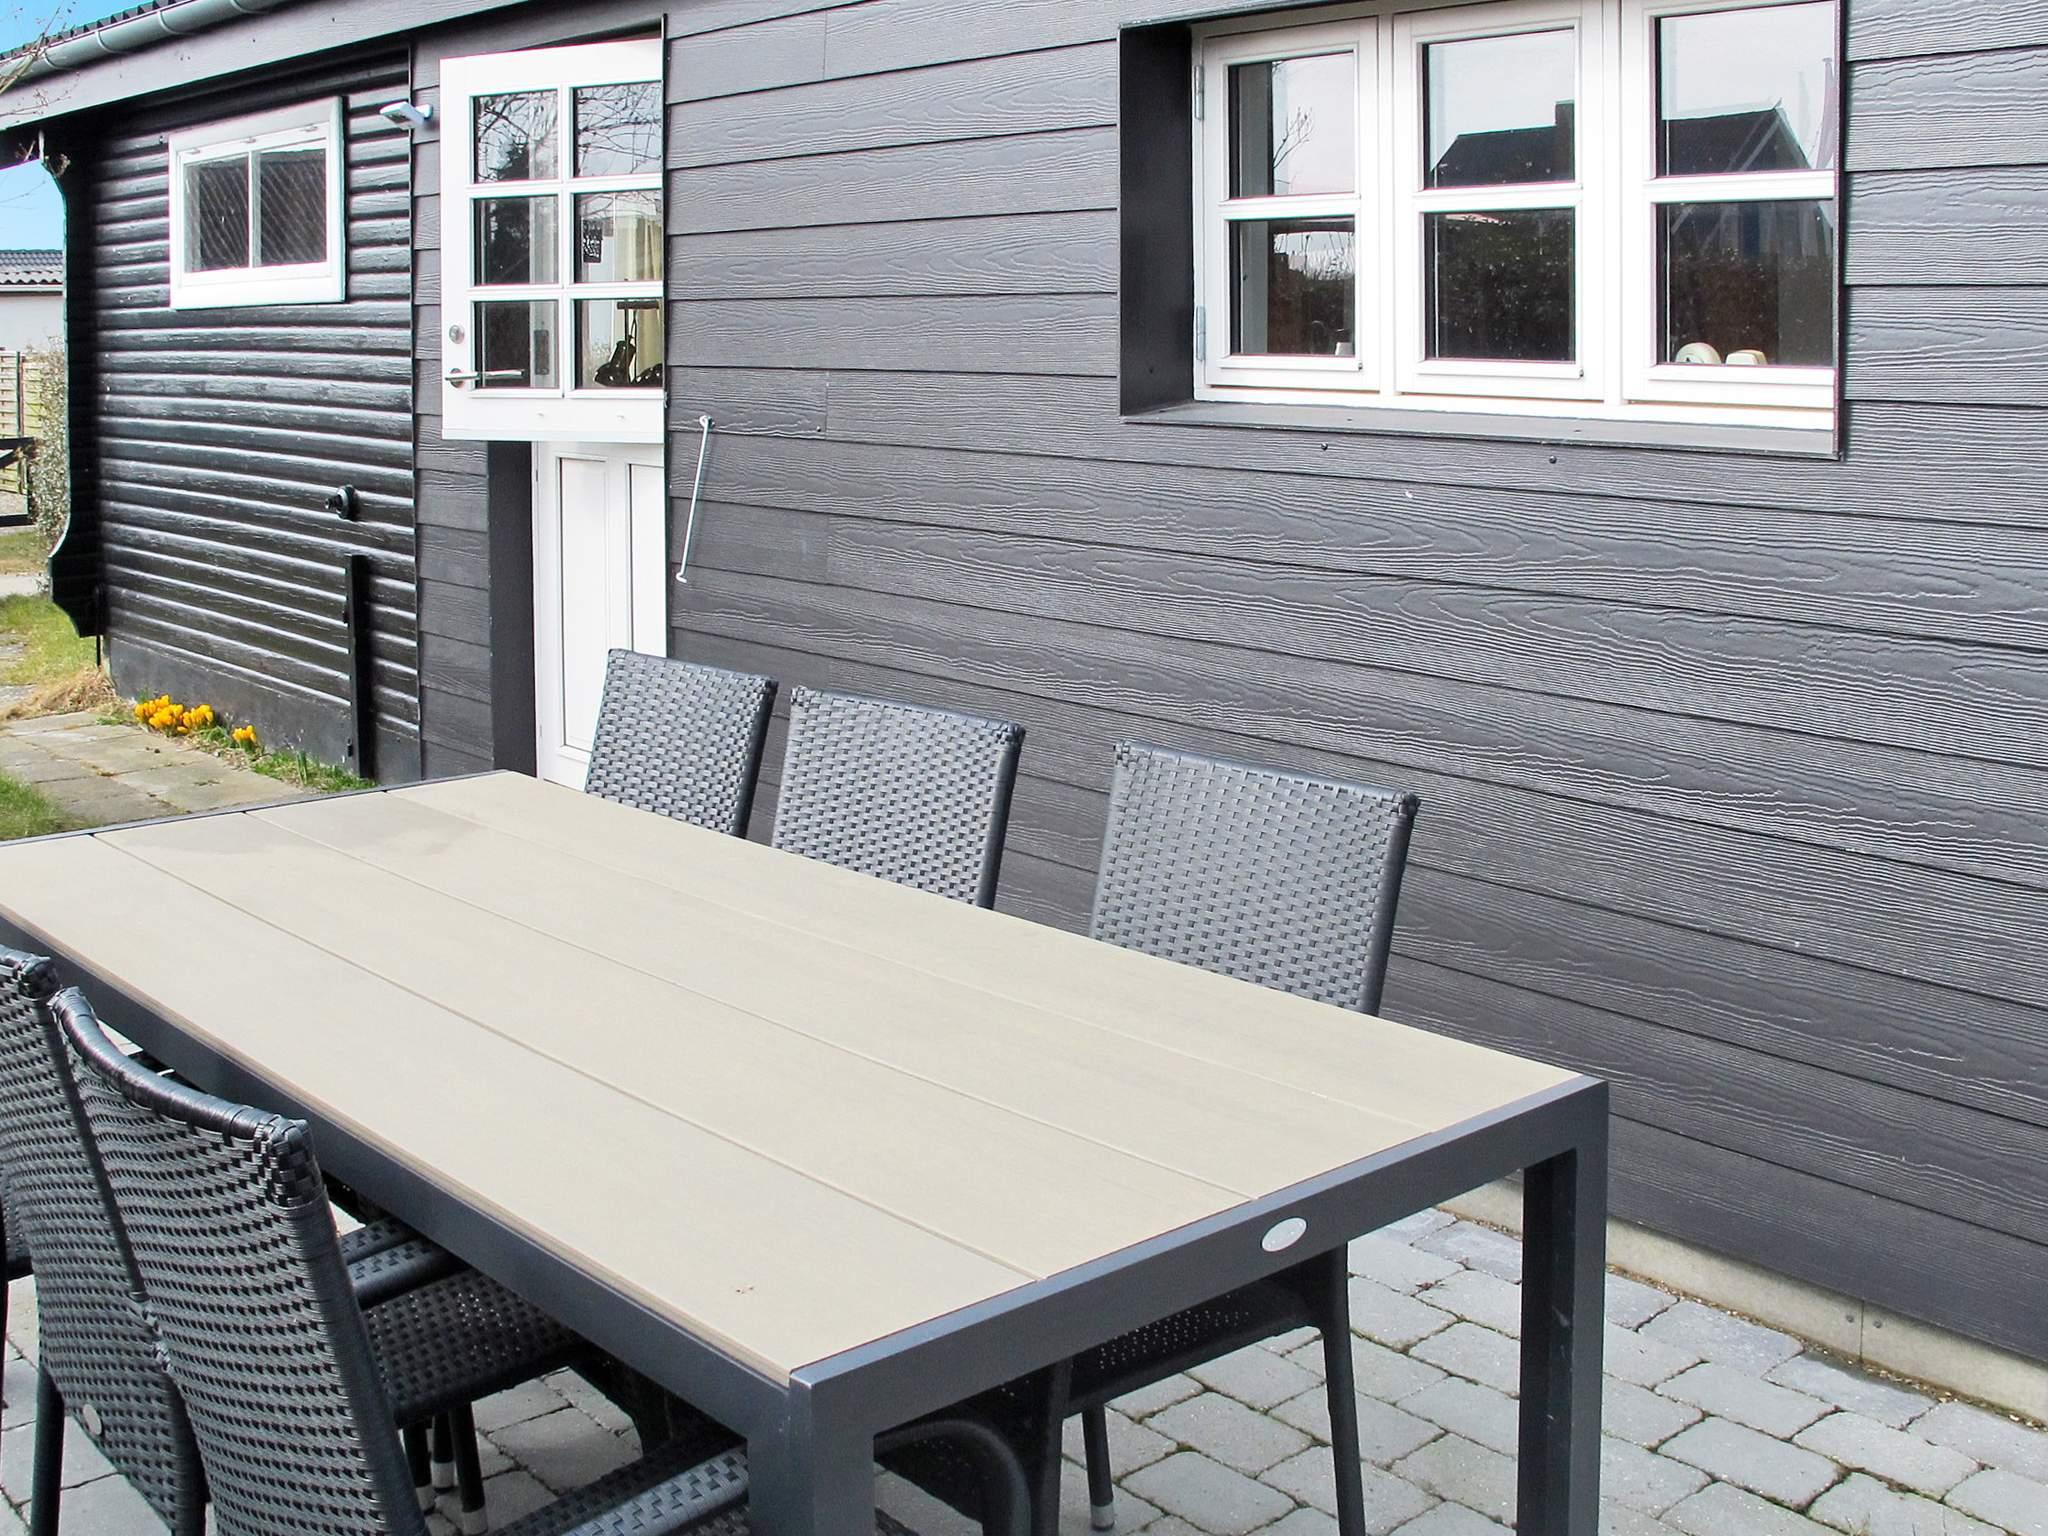 Ferienhaus Karrebæksminde (2404272), Karrebæksminde, , Südseeland, Dänemark, Bild 10